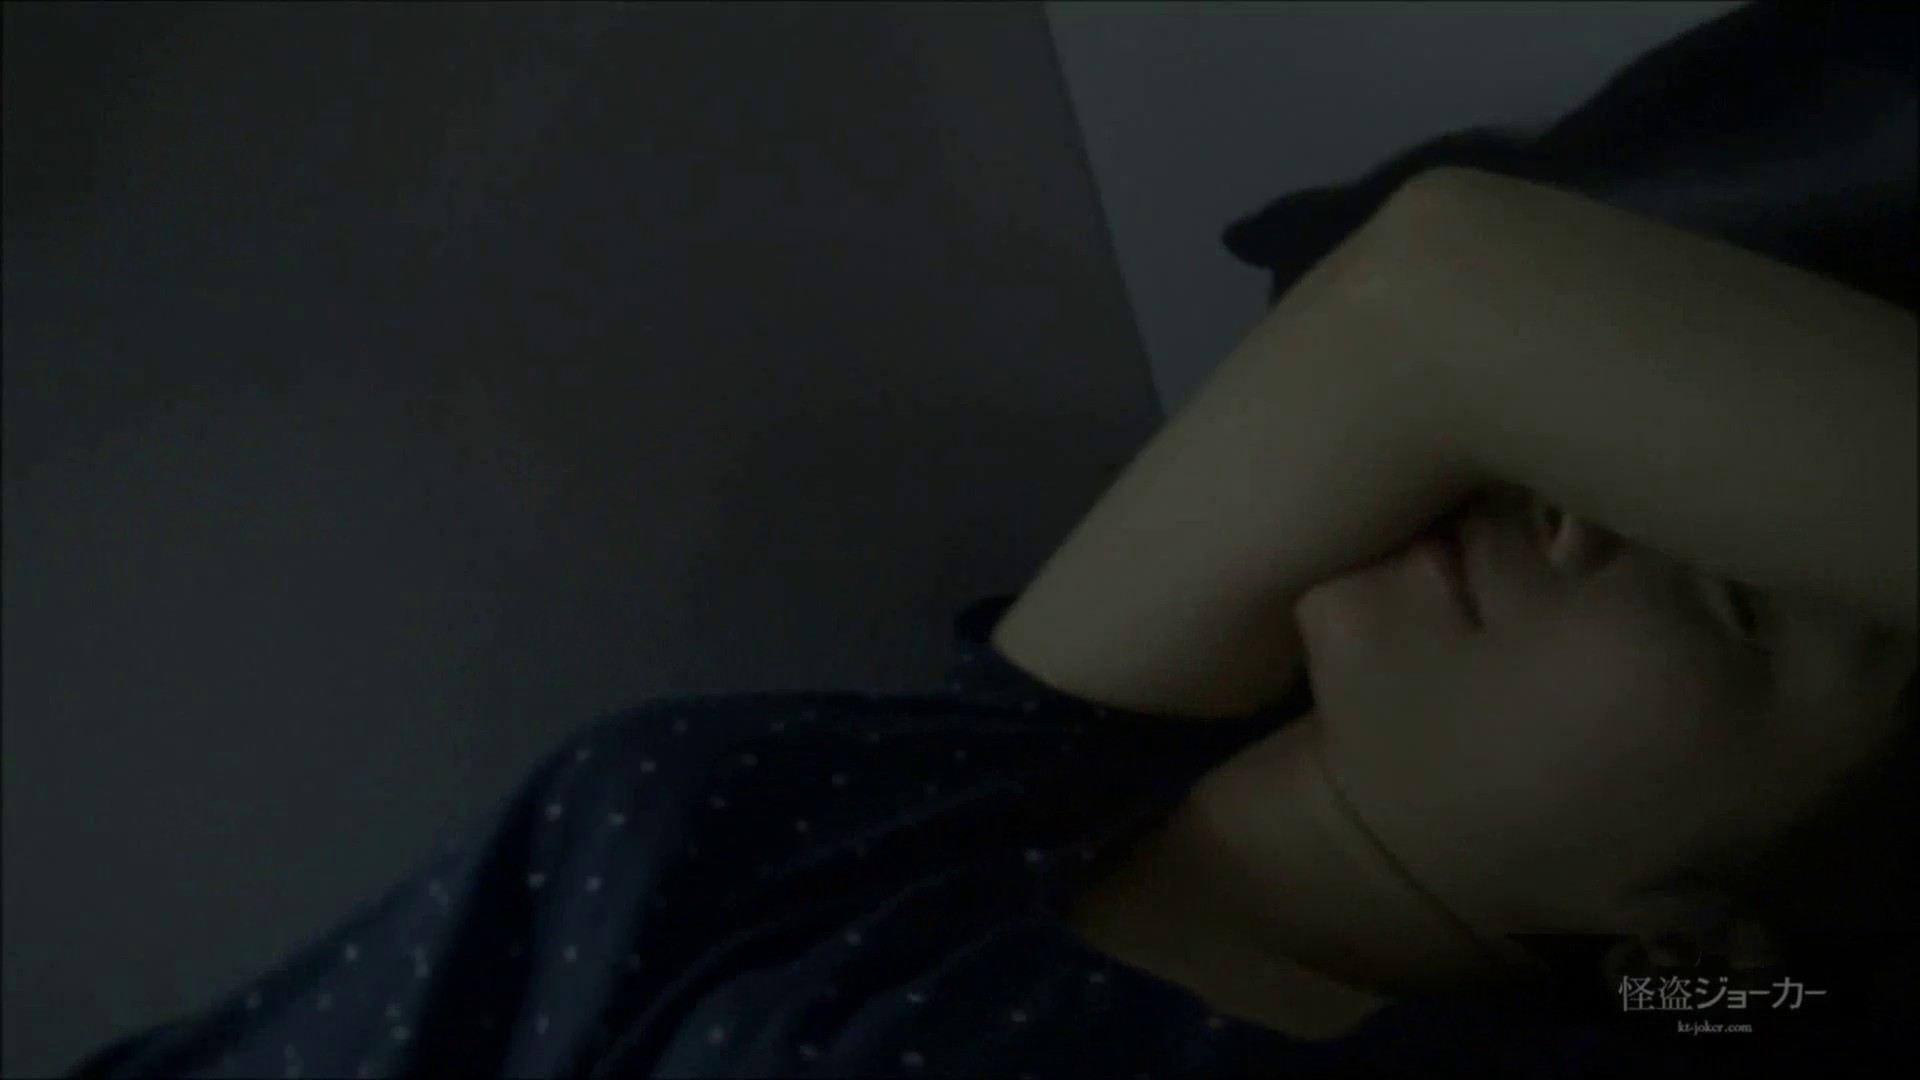 【未公開】vol.98 {26歳の若妻}ワイン会で出会った人妻・陽子さん OLハメ撮り  91Pix 46